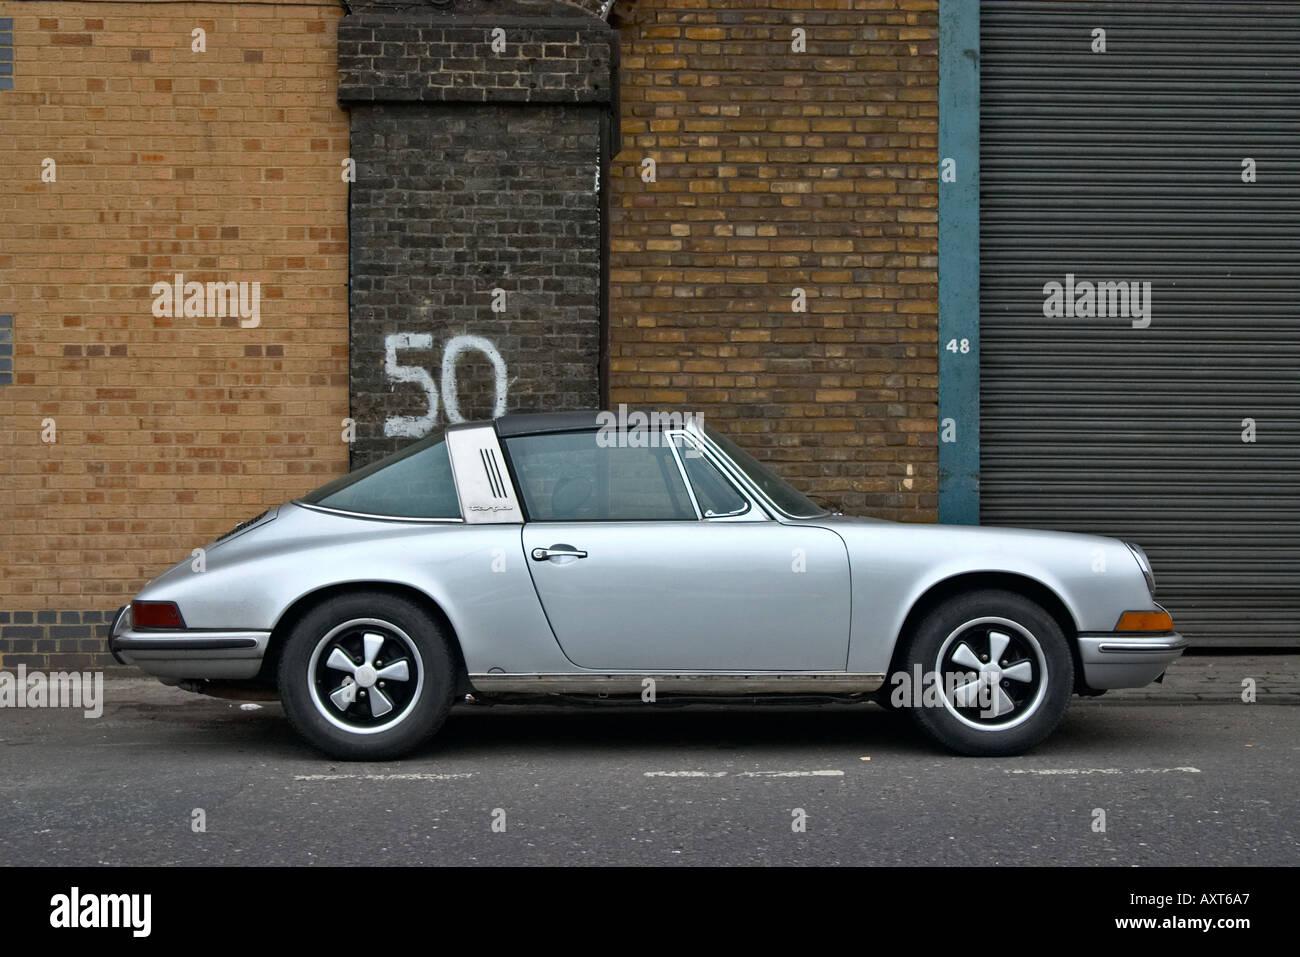 Porsche 911 - Stock Image